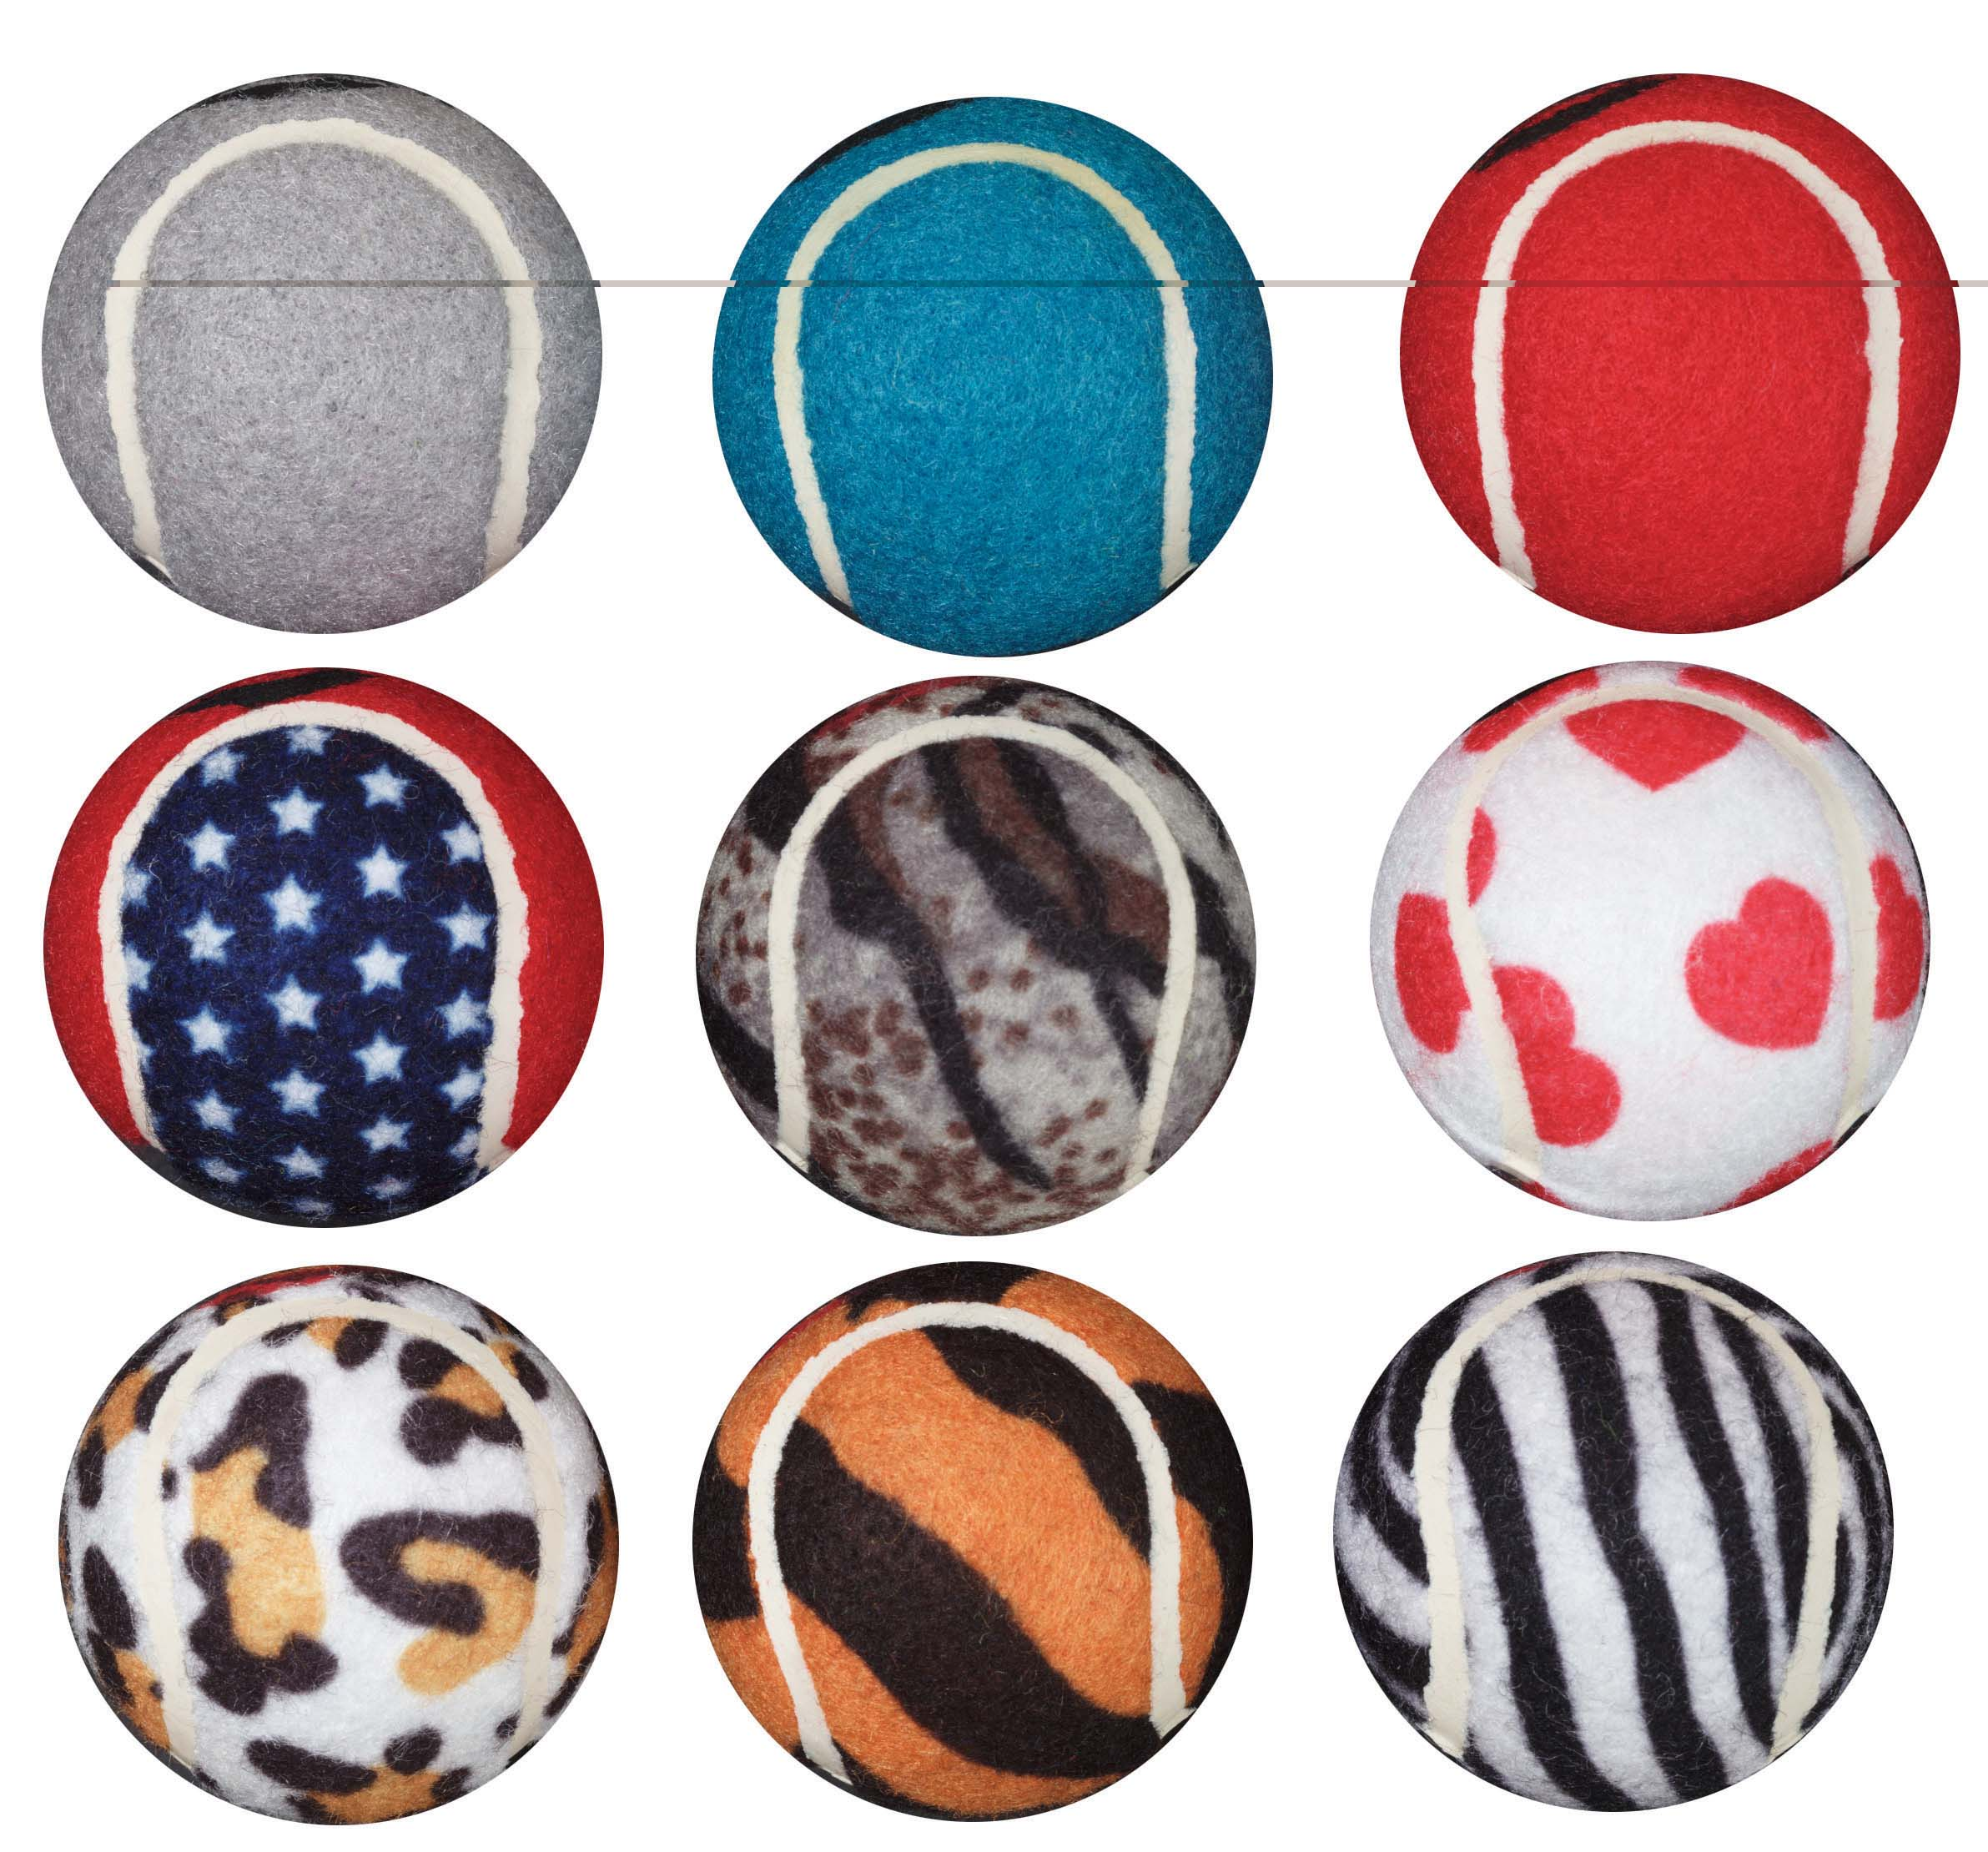 walkerballs-camouflage-1-pair-510-1035-9920-lr-3.jpg